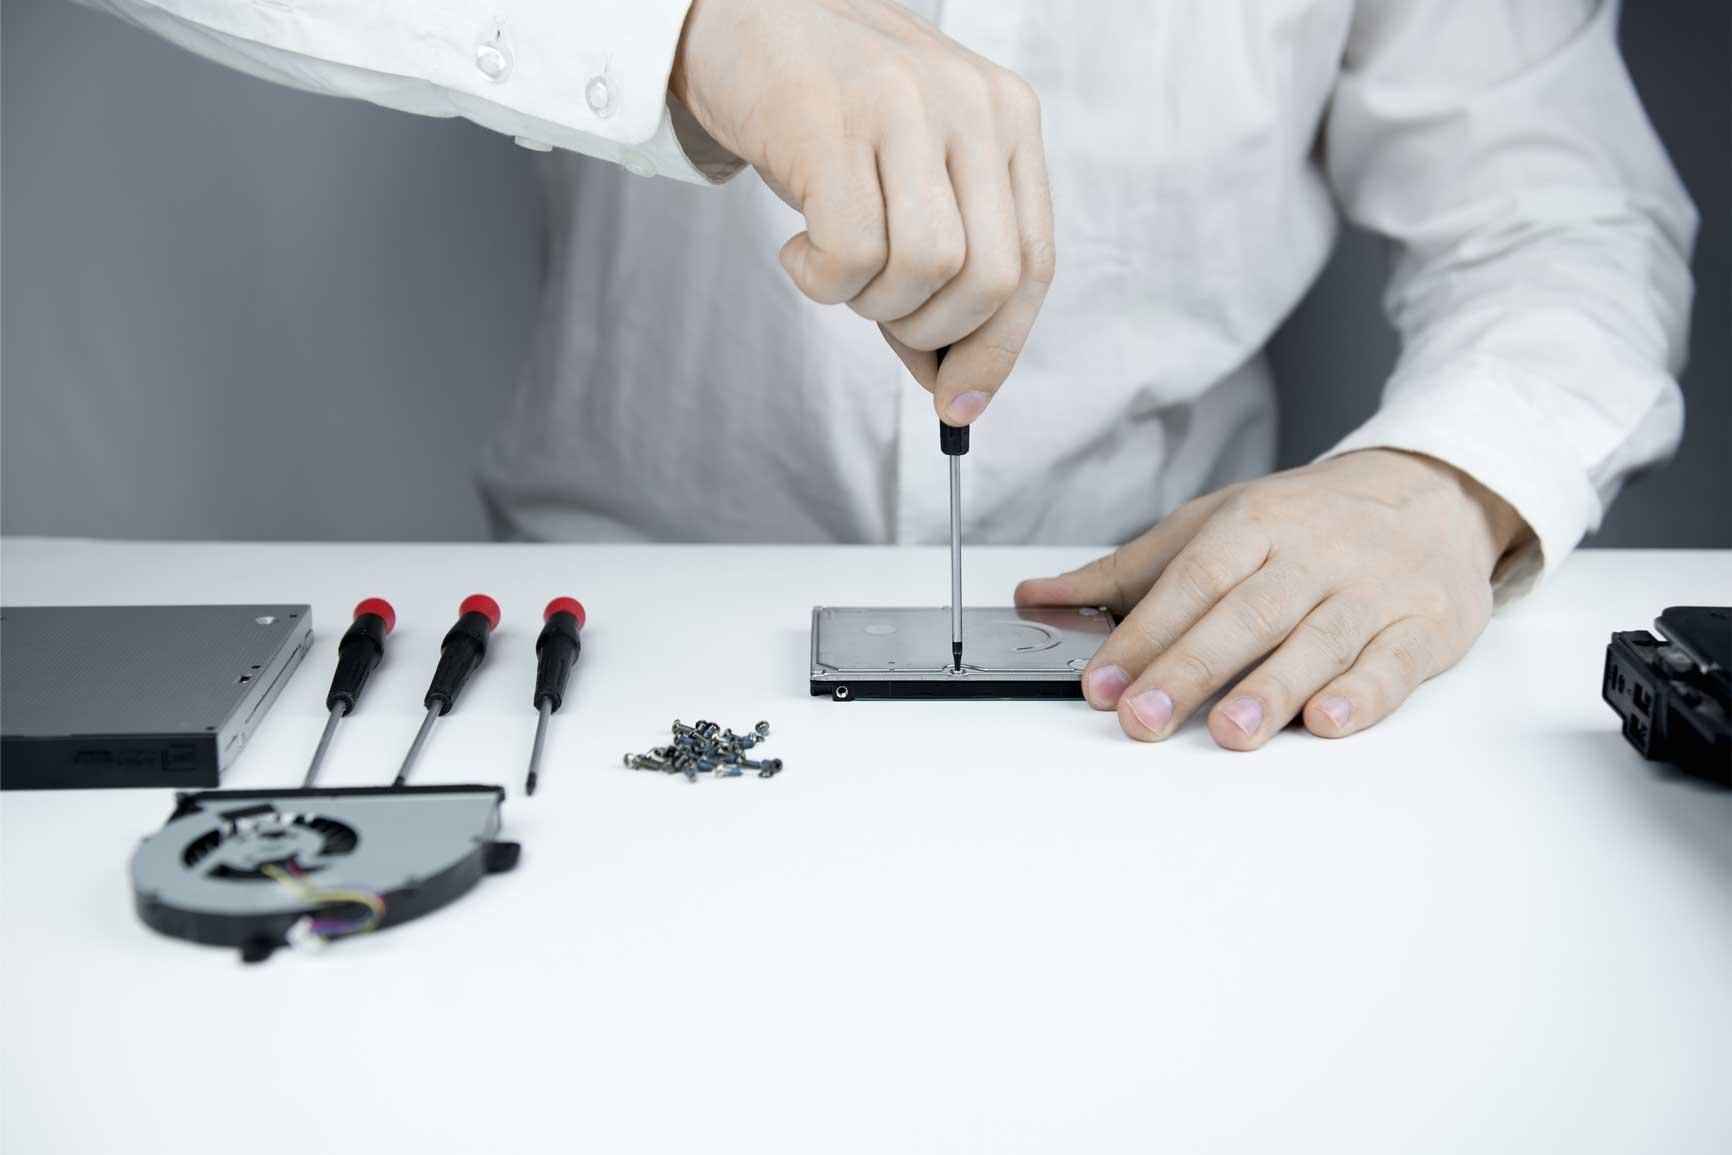 Hardware repair and upgrade